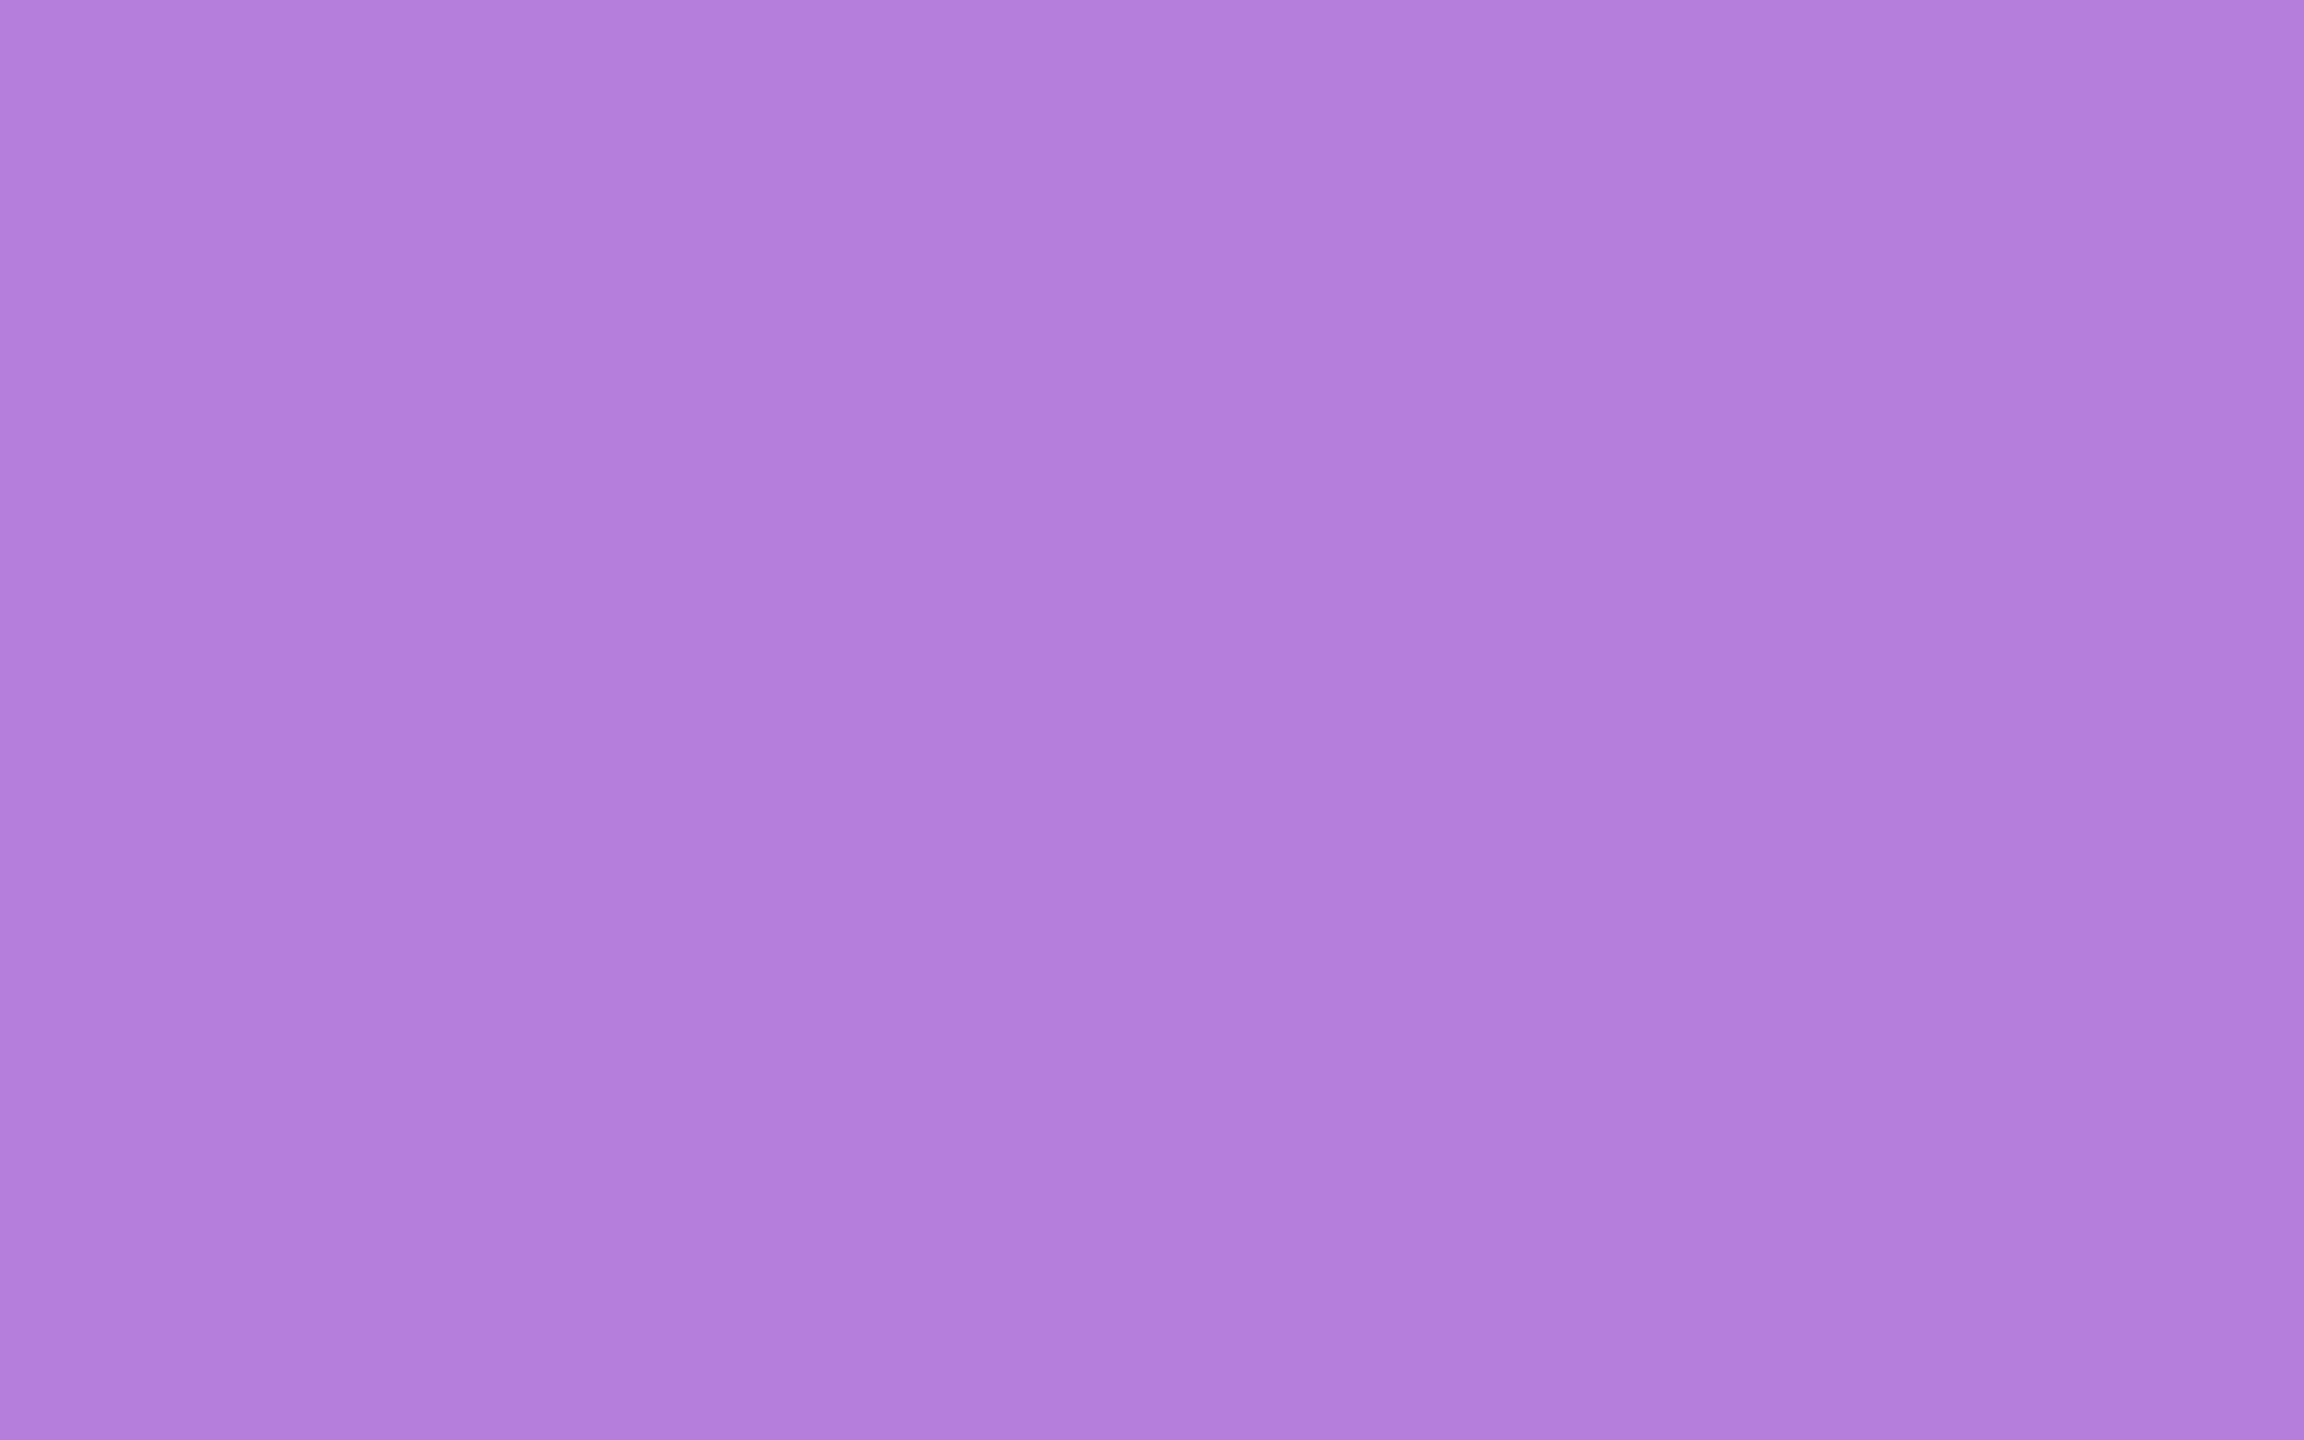 2304x1440 Lavender Floral Solid Color Background